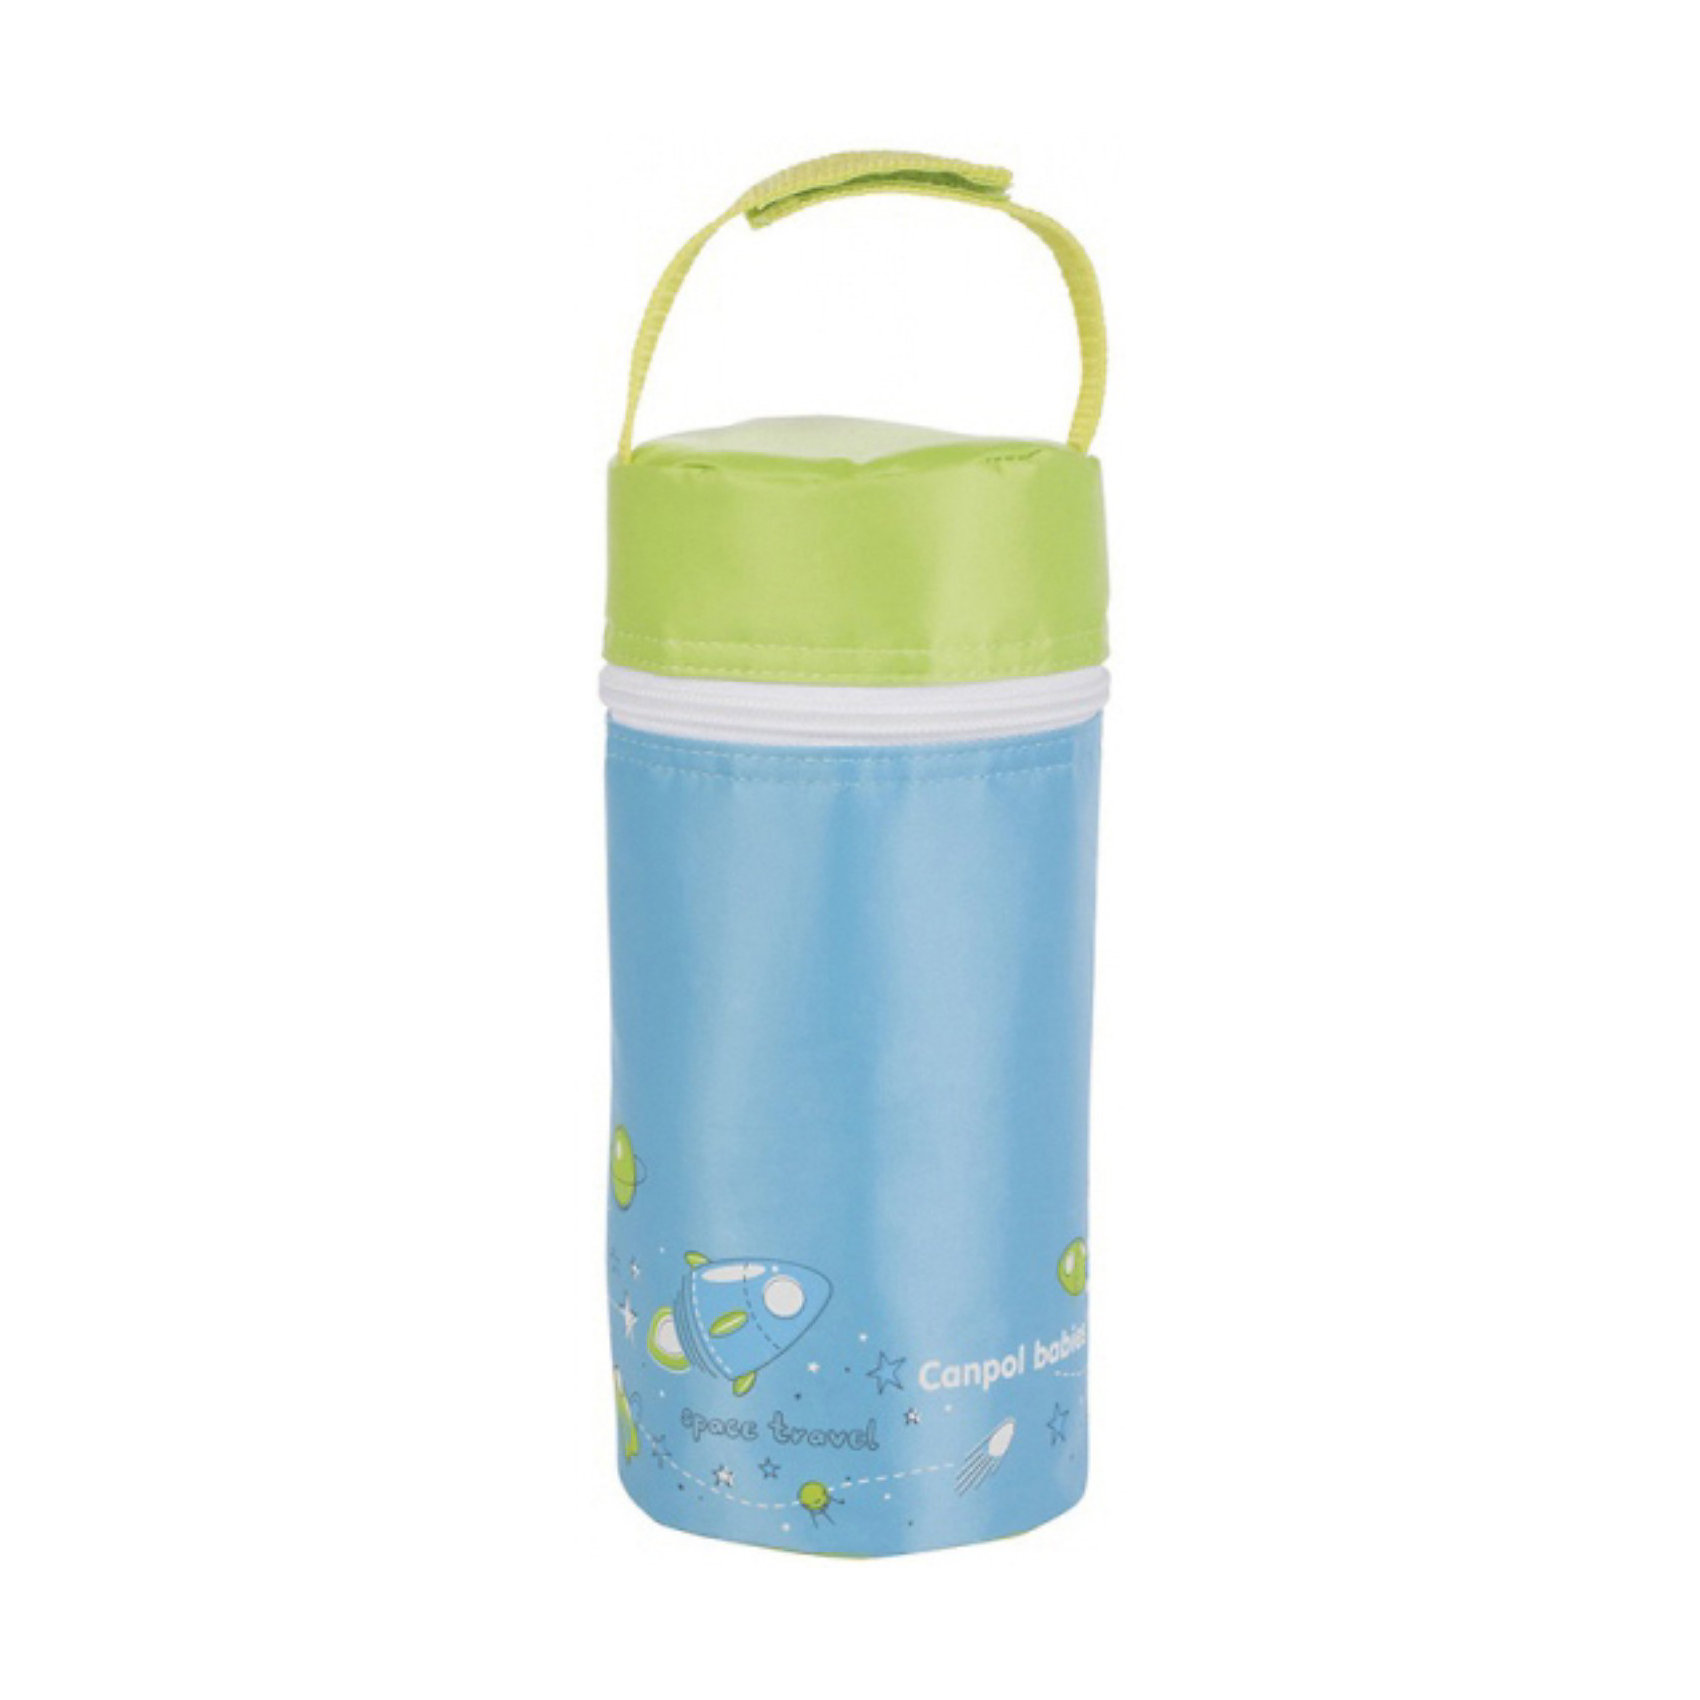 Термоупаковка для 1-ой бутылочки Мужская коллекция, Canpol Babies, голубой/зеленыйТермоупаковка  разработана на основе последних тенденций дизайна детства, для маленьких преданных автомобилистов. <br>Термоупаковка создана для хранения охлажденного напитка или теплой молочной смеси в бутылочке. Поэтому является необходимым аксессуаром во время поездок или прогулок.<br>Описание:<br>- внешняя поверхность термоупаковки сделана из долговечного, нетоксичного и легко моющегося материала;<br>-внутри заполнена термоизолирующей пленкой, которая замедляет процесс охлаждения/нагревания питания;<br>- в зависимости от первоначальной температуры пищи и погодных условий может поддерживать температуру в течение 3-х часов (не заменяет термос). <br>- благодаря отстегивающейся ручке, термоупаковку удобно носить с собой и пристегивать к ручке коляски. Подходит для всех типов бутылочек.<br>Термоупаковку для 1-ой бутылочки Canpol Babies можно купить в нашем интернет-магазине.<br><br>Ширина мм: 210<br>Глубина мм: 95<br>Высота мм: 95<br>Вес г: 89<br>Возраст от месяцев: 0<br>Возраст до месяцев: 48<br>Пол: Мужской<br>Возраст: Детский<br>SKU: 3837135